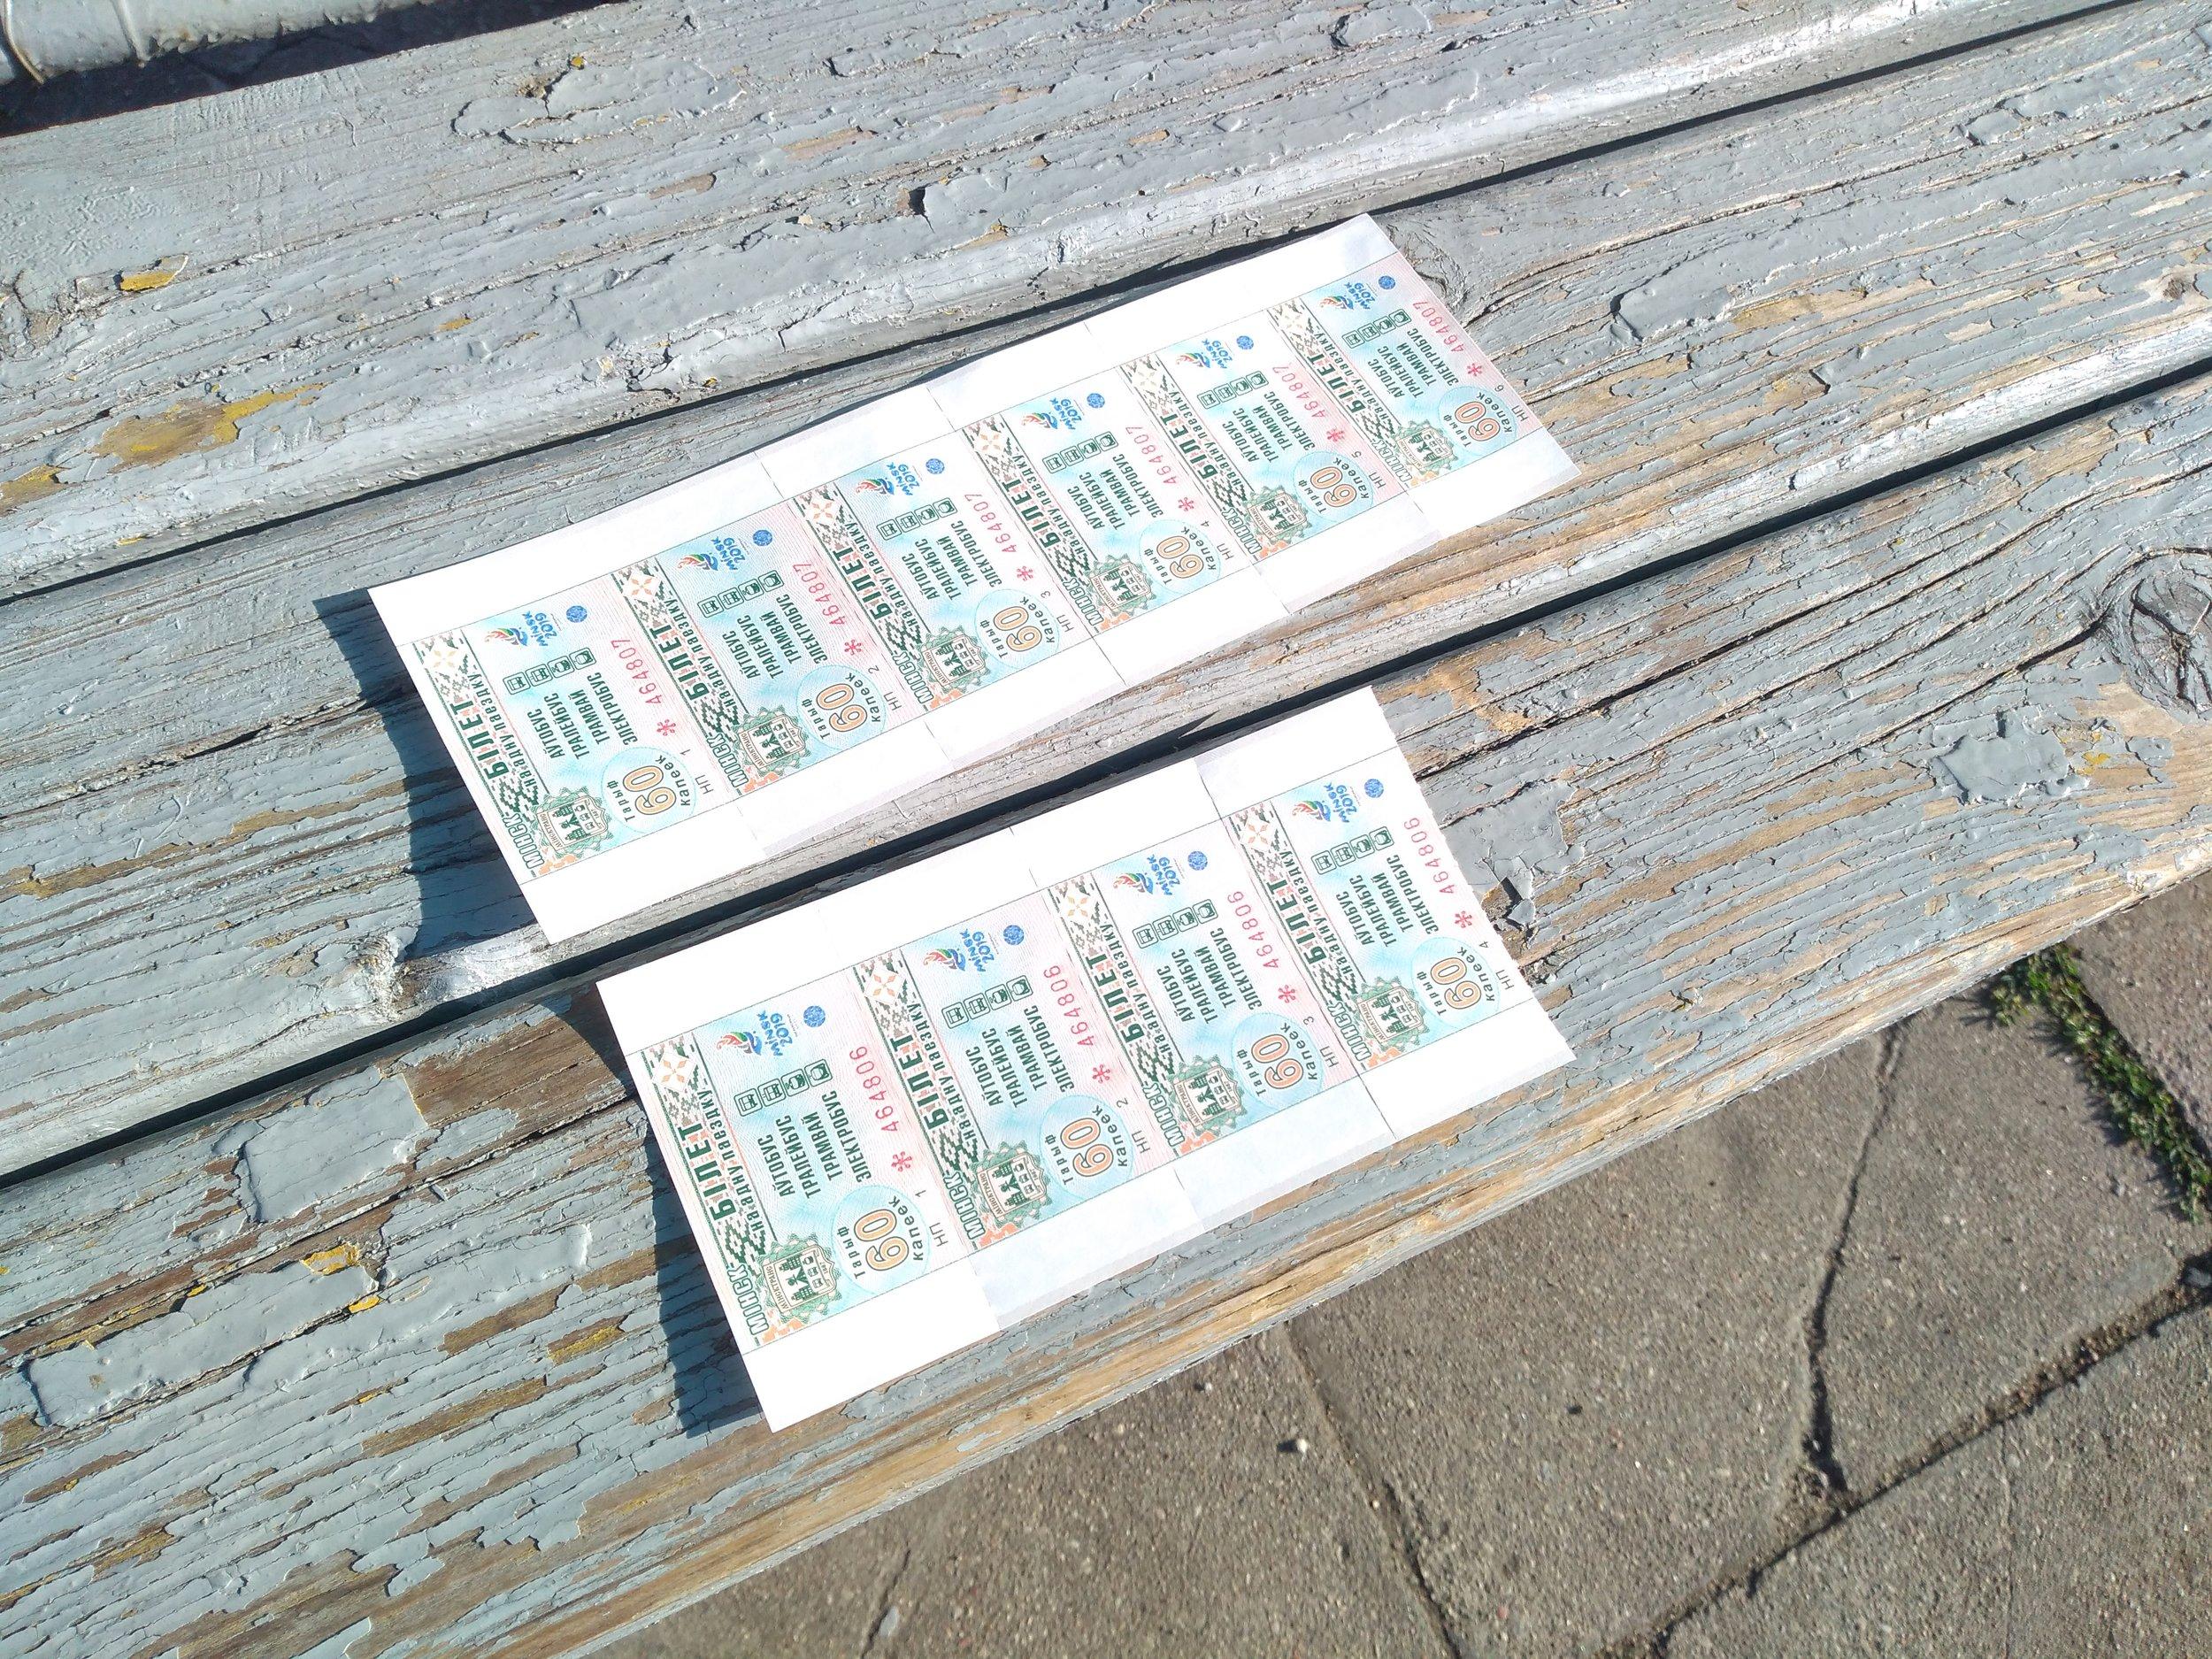 Aršíky se prodávají po 6 kusech. Celodenní jízdenky v Minsku nejsou…